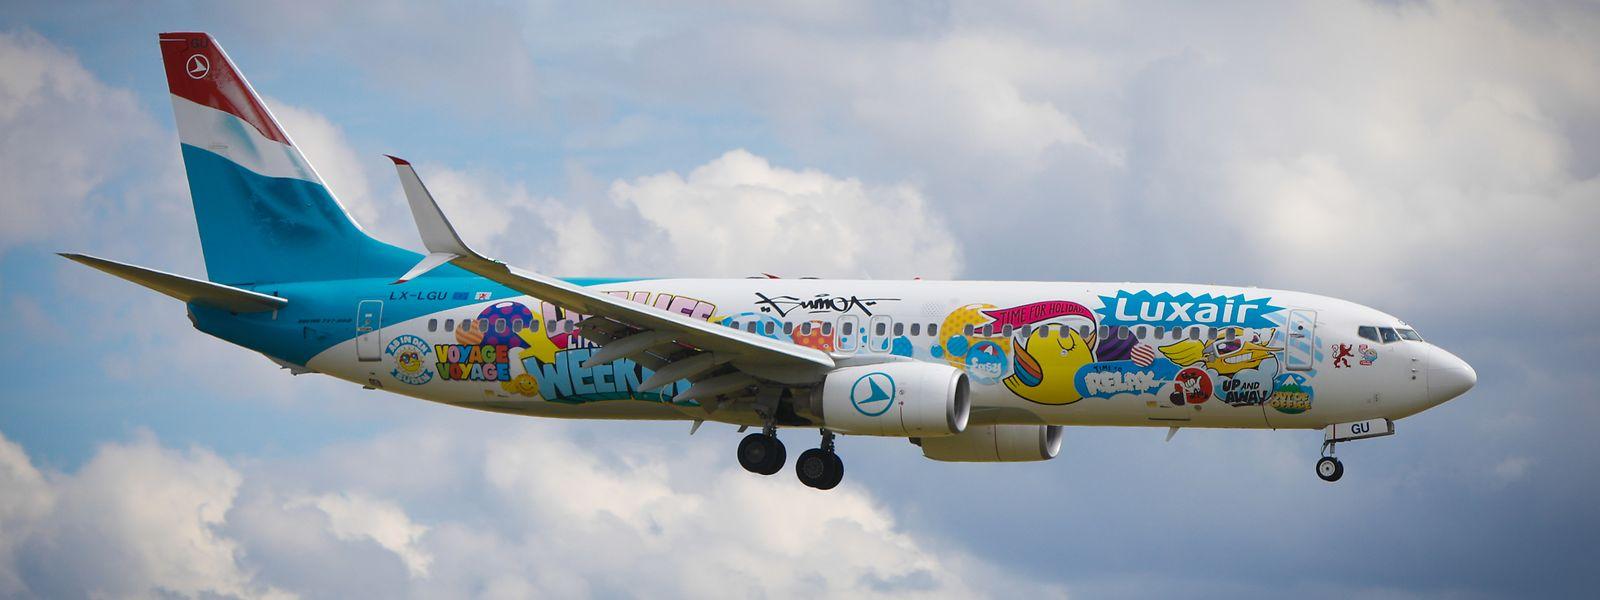 Am Freitag können die Bewohner Luxemburgs das außergewöhnliche Luxair-Flugzeug in der Luft bestaunen.